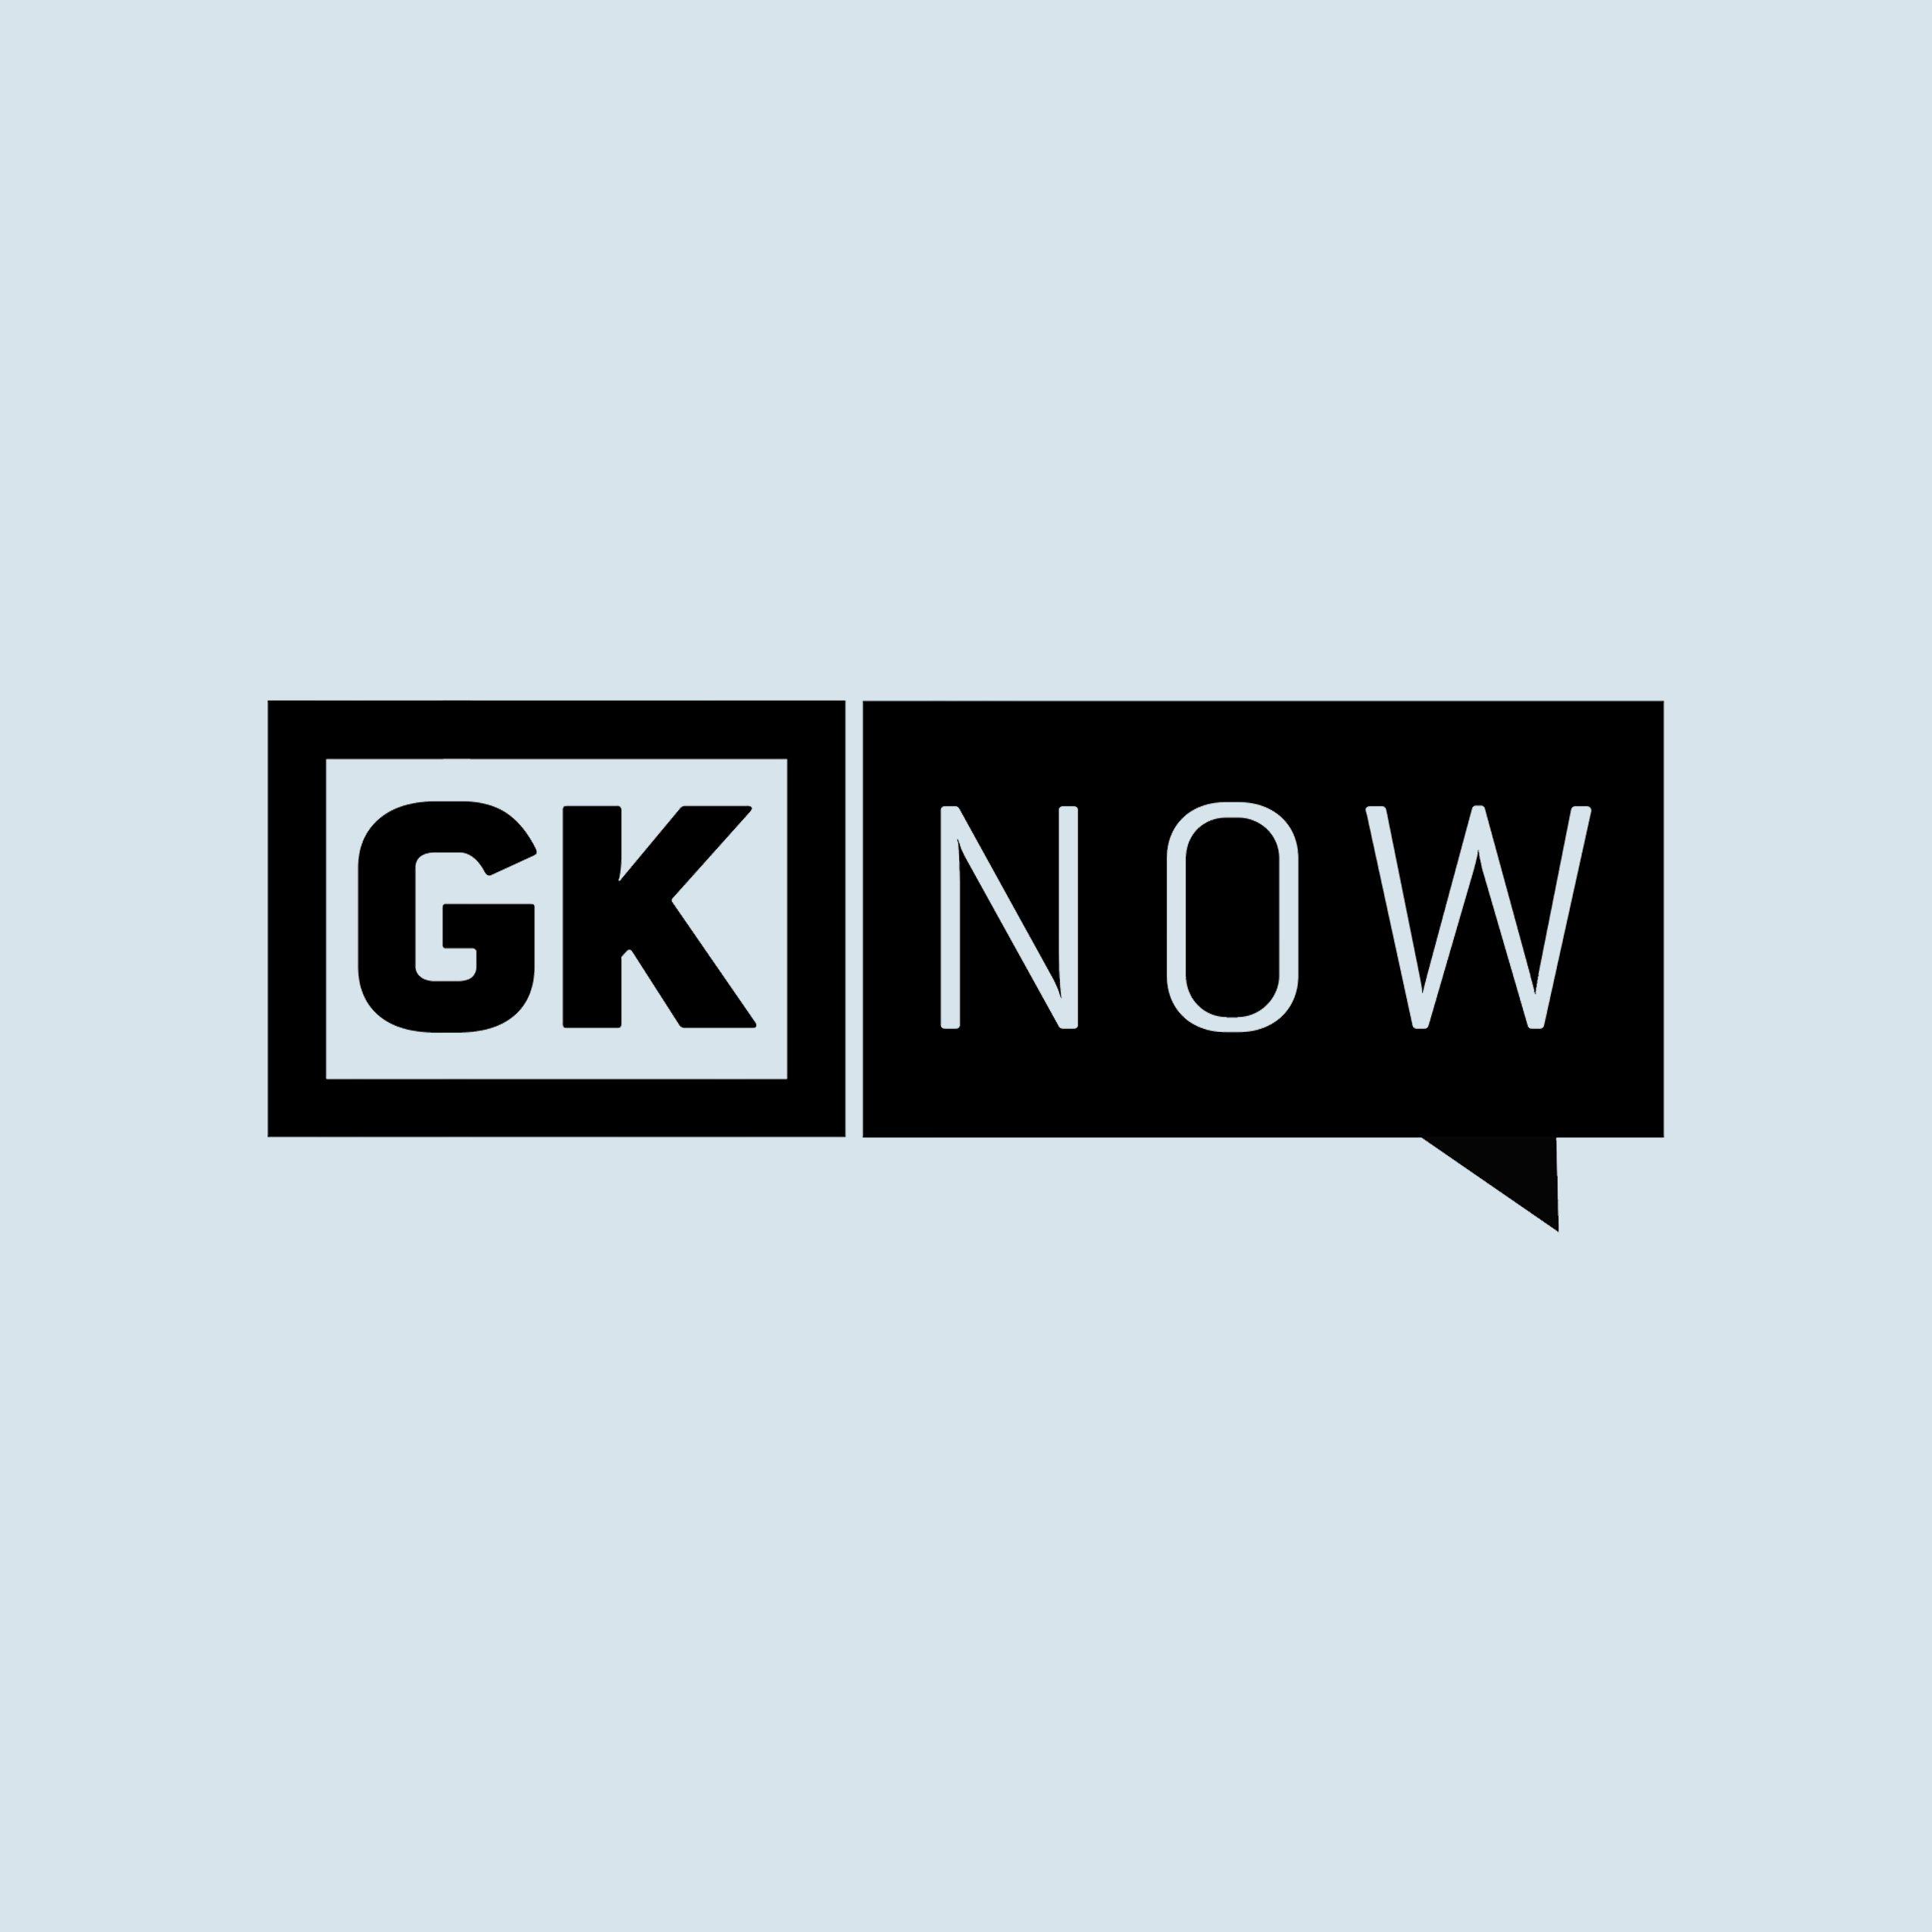 PORFOLIO_LOGOS_GKNOW